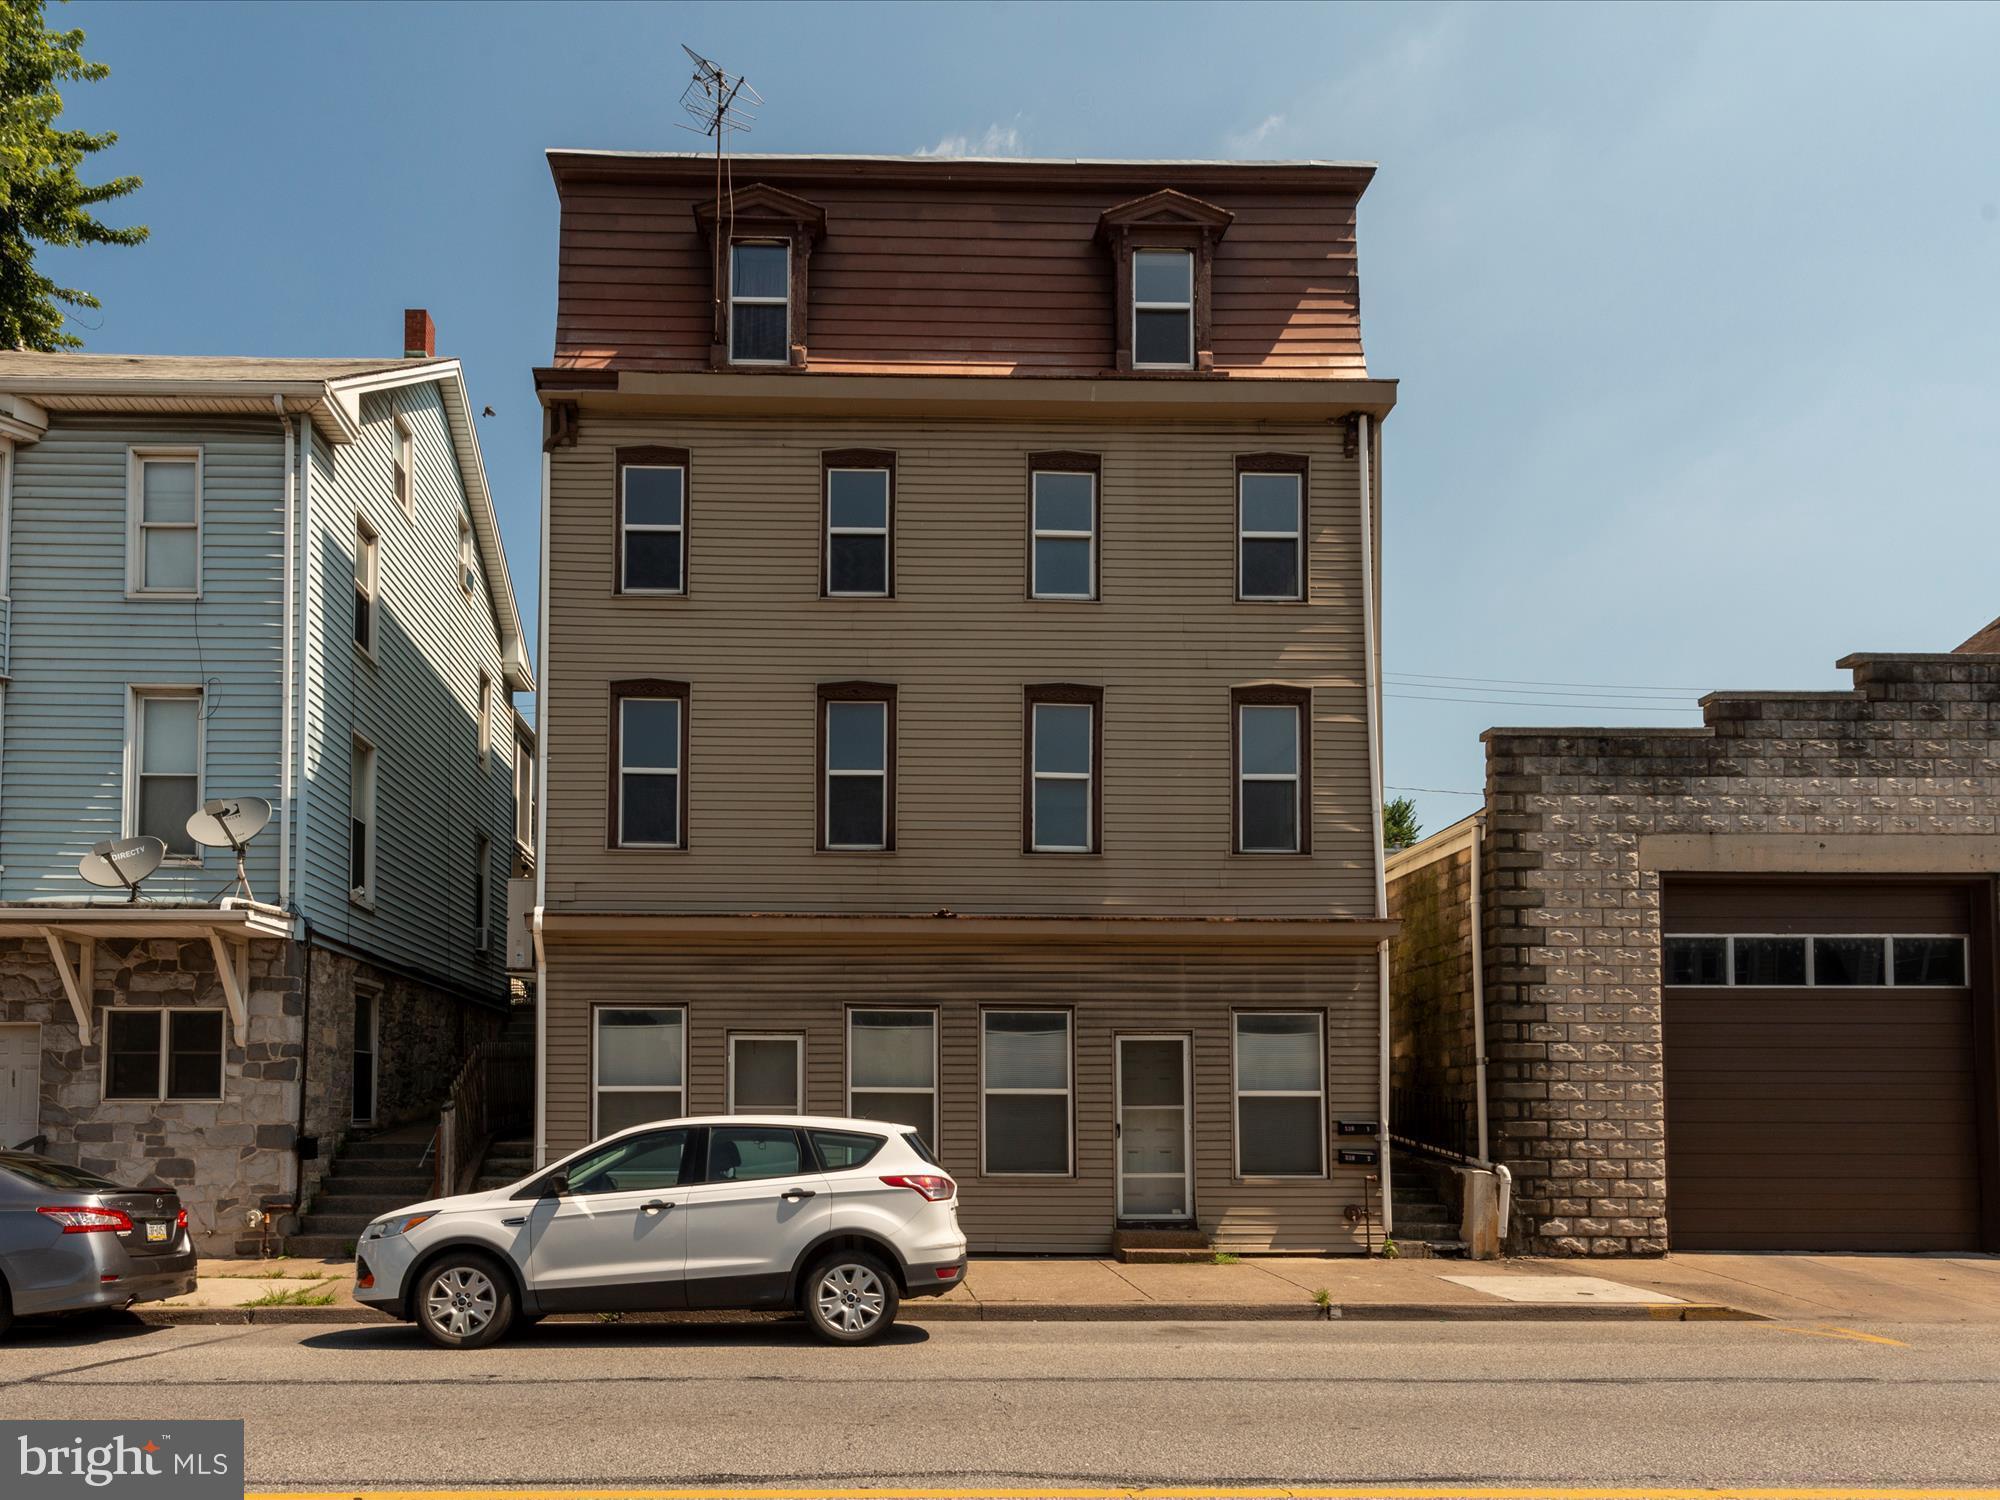 539 N FRONT STREET, STEELTON, PA 17113